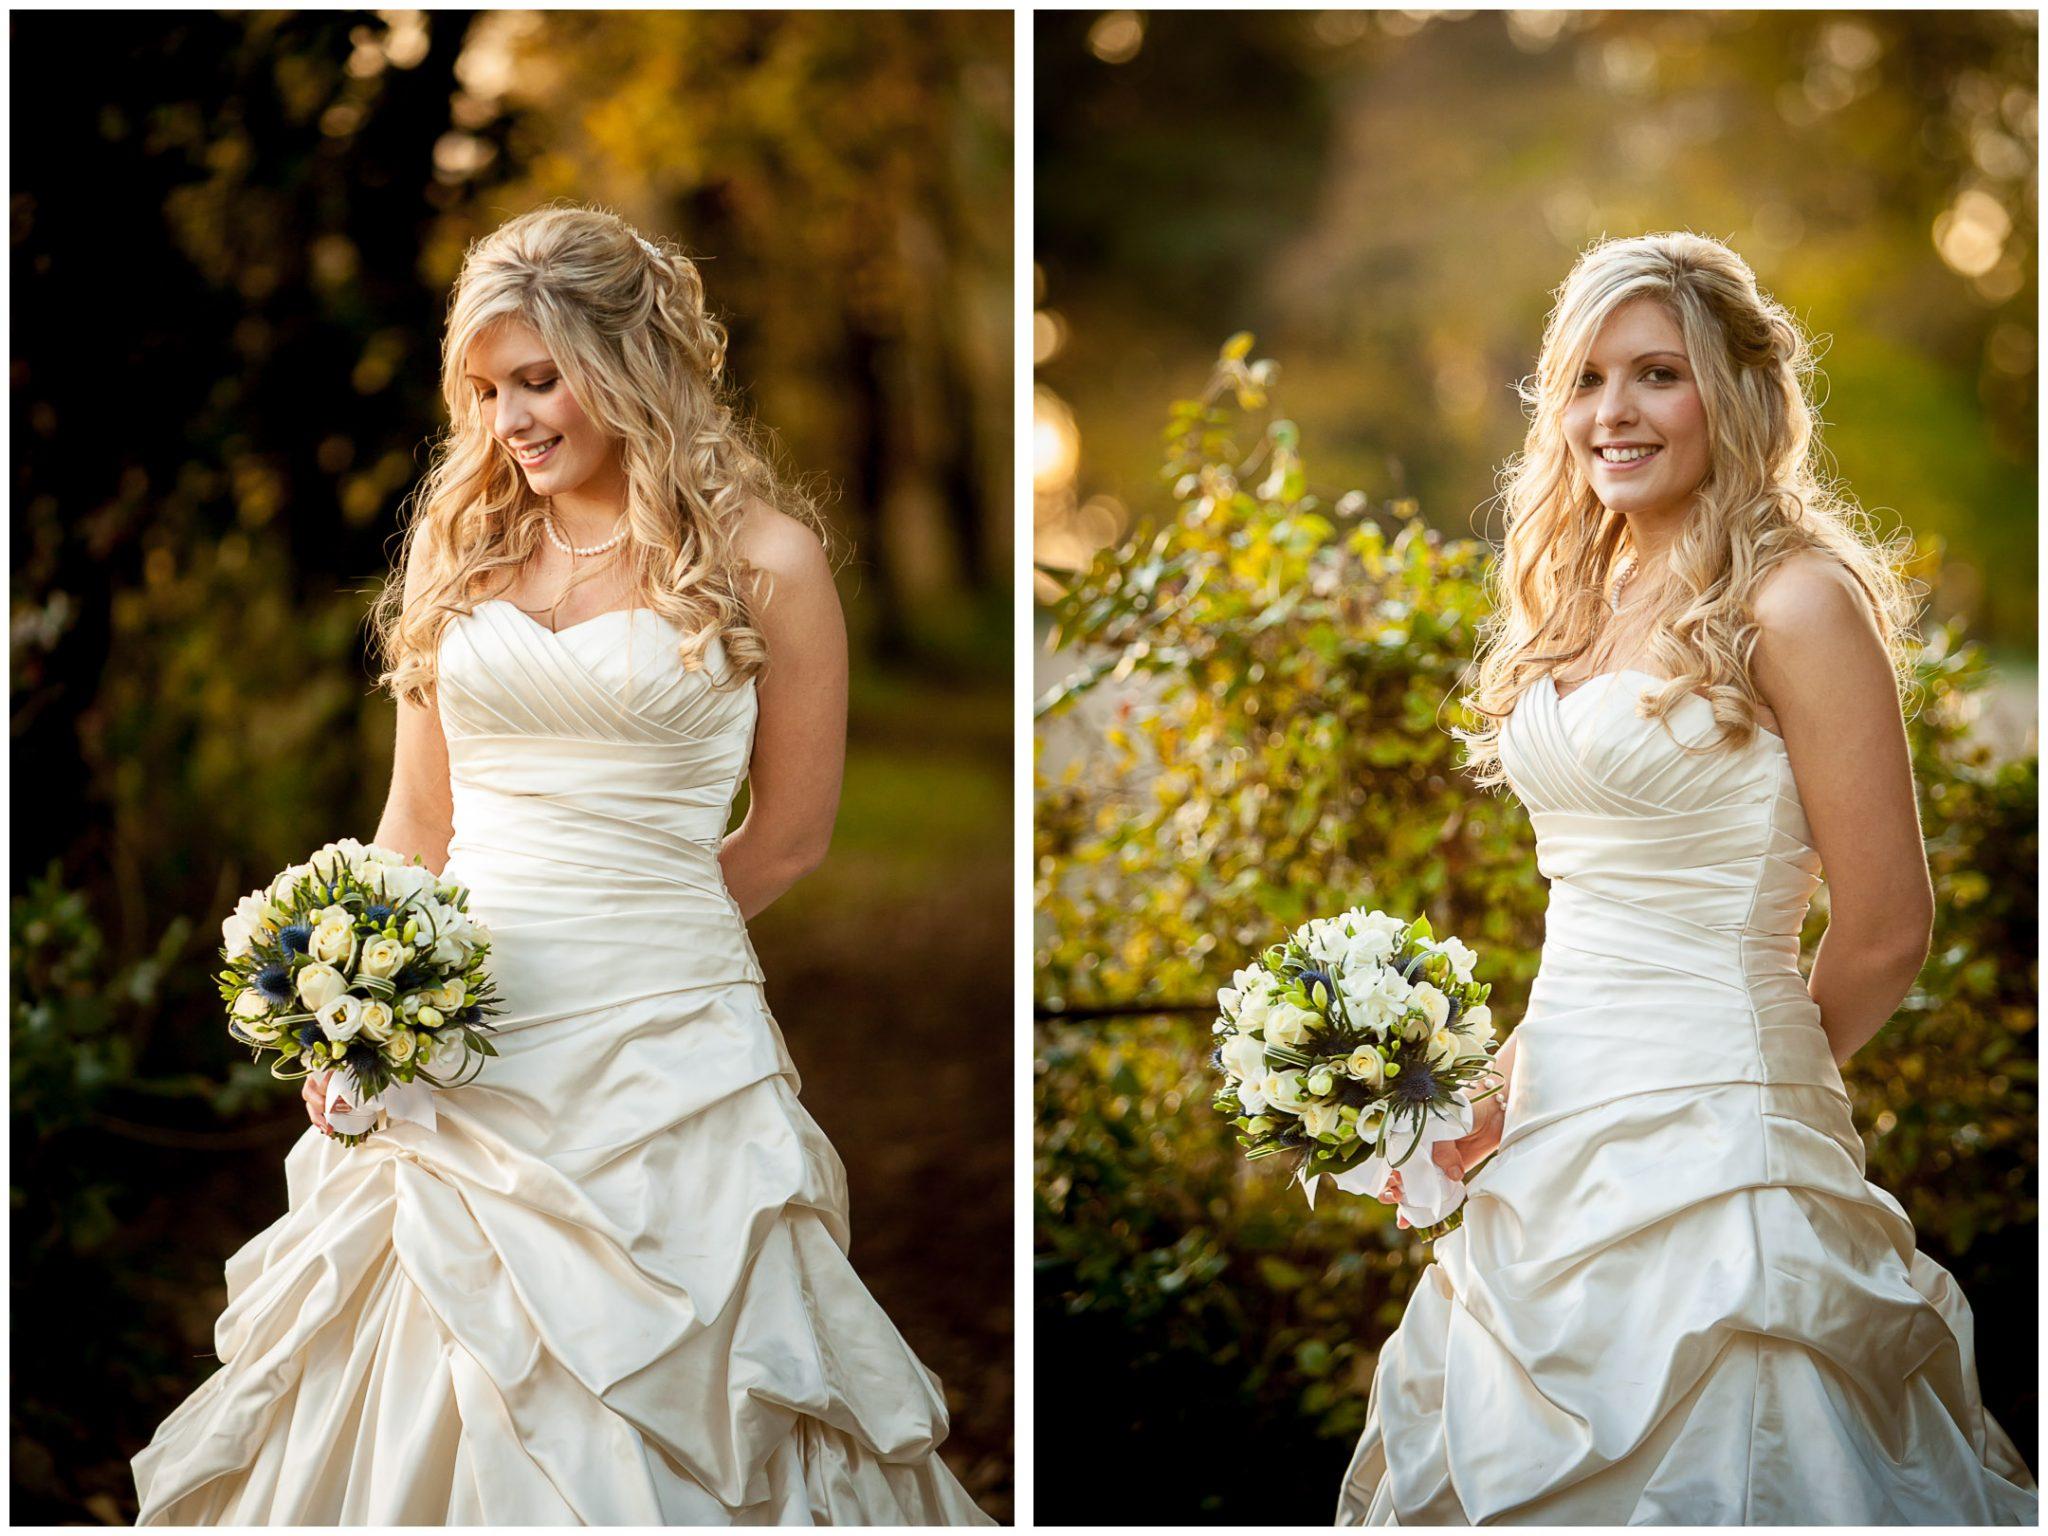 Audleys Wood wedding photography bridal portraits in autumn sunshine